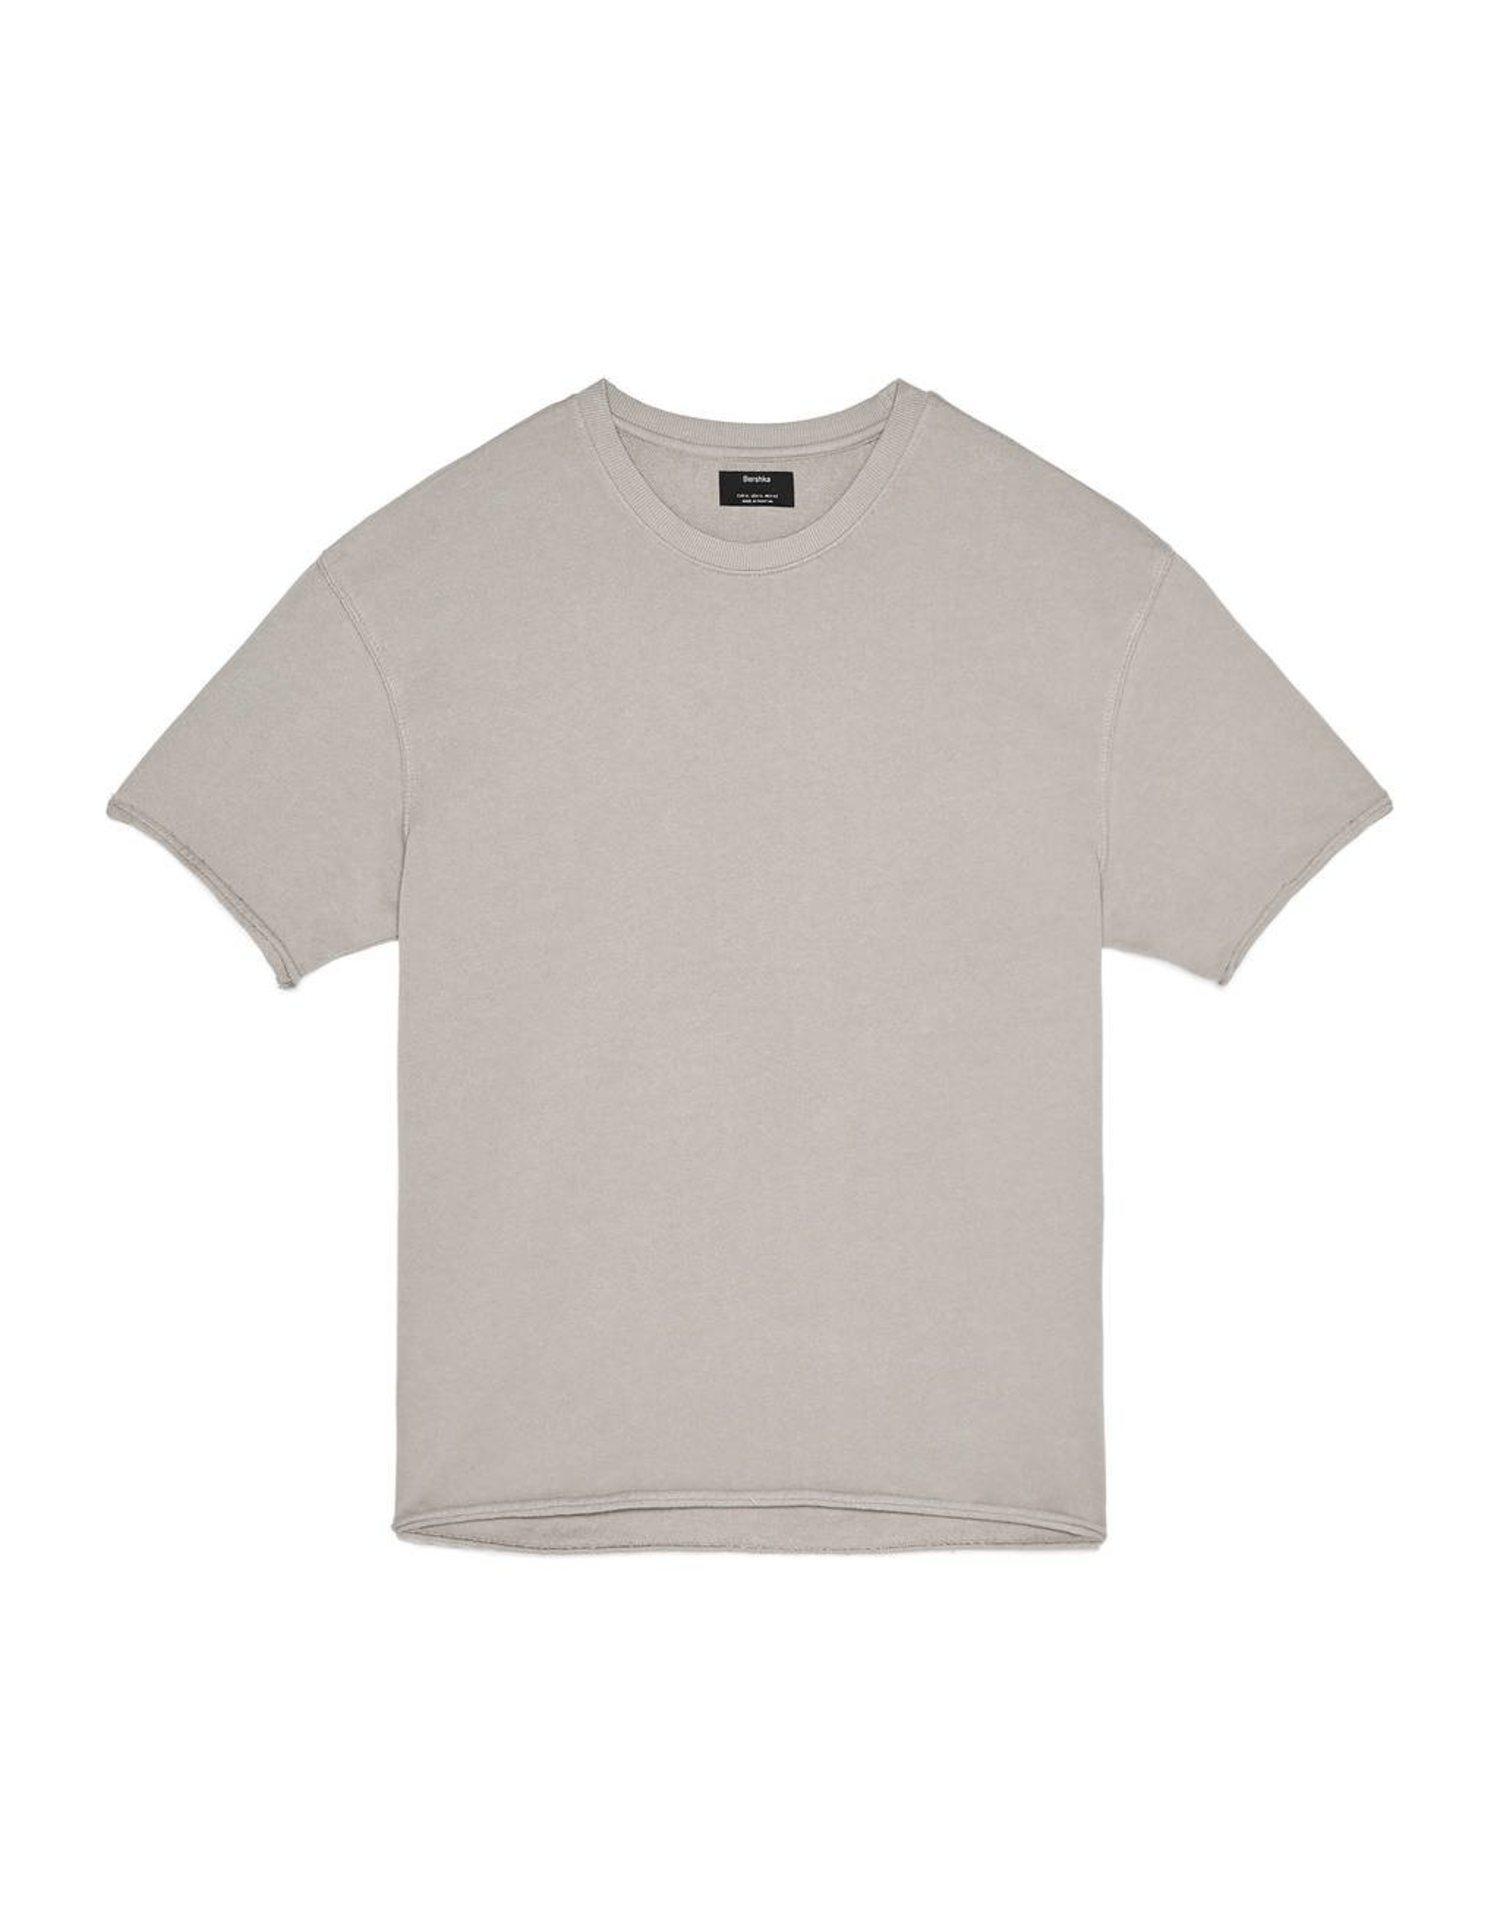 Camiseta básica.